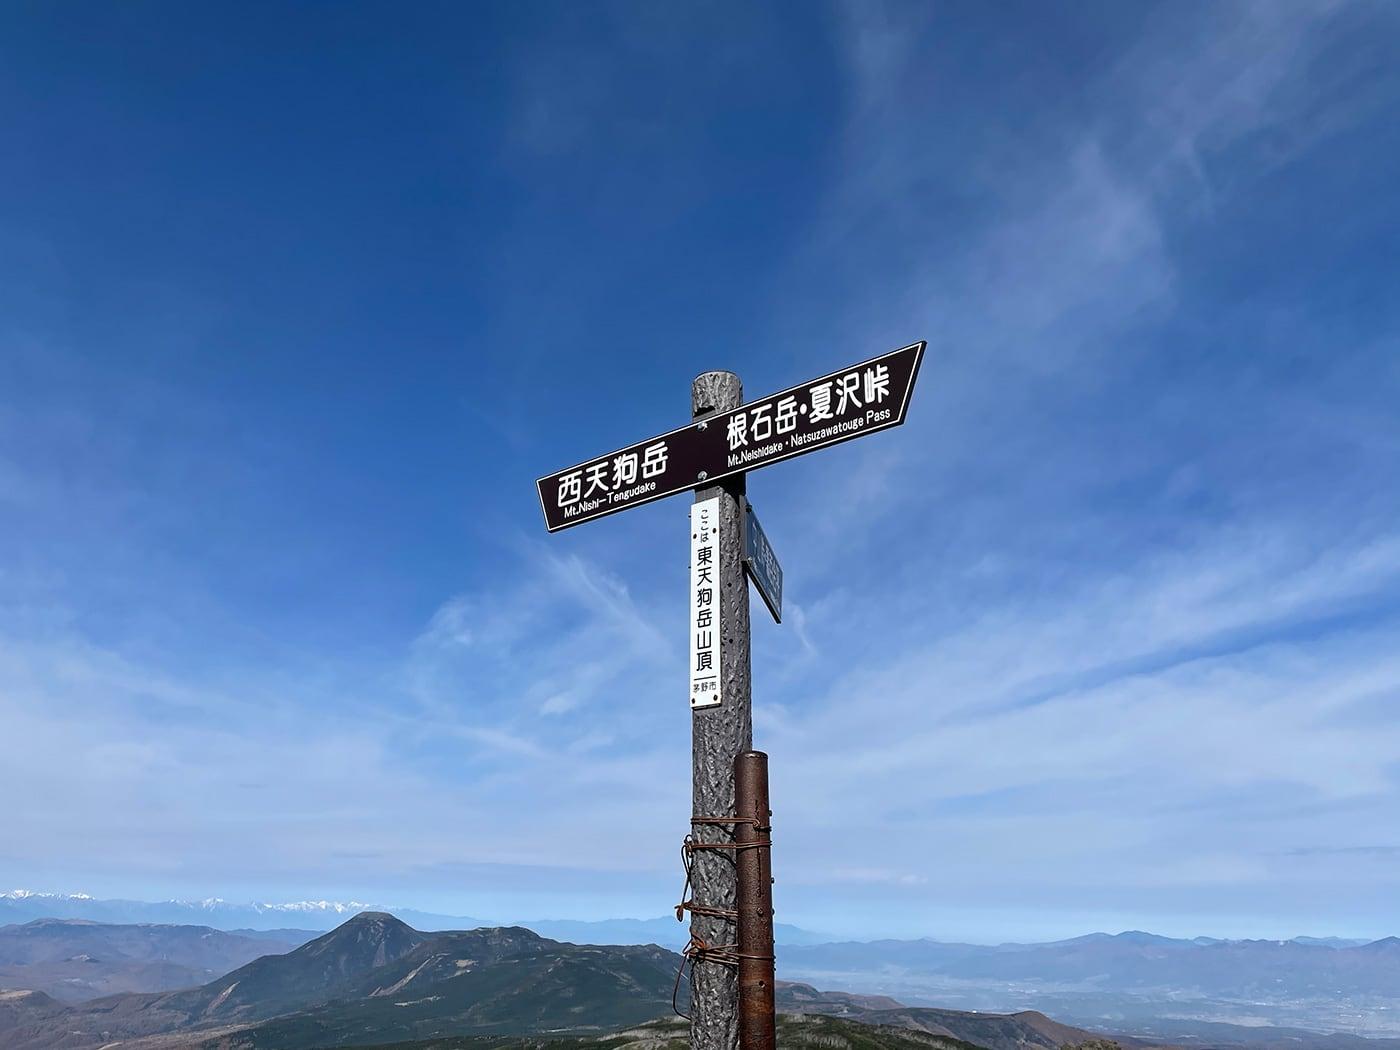 1時間30分ぐらいで山頂に到着。夏山と違って正午近くになっても雲が少なく、南八ヶ岳の赤岳や硫黄岳もよく見える。 荒天時は恐怖感が強く、慎重に歩いた東天狗から根石岳の稜線も明るく、歩いているハイカーも多かった。